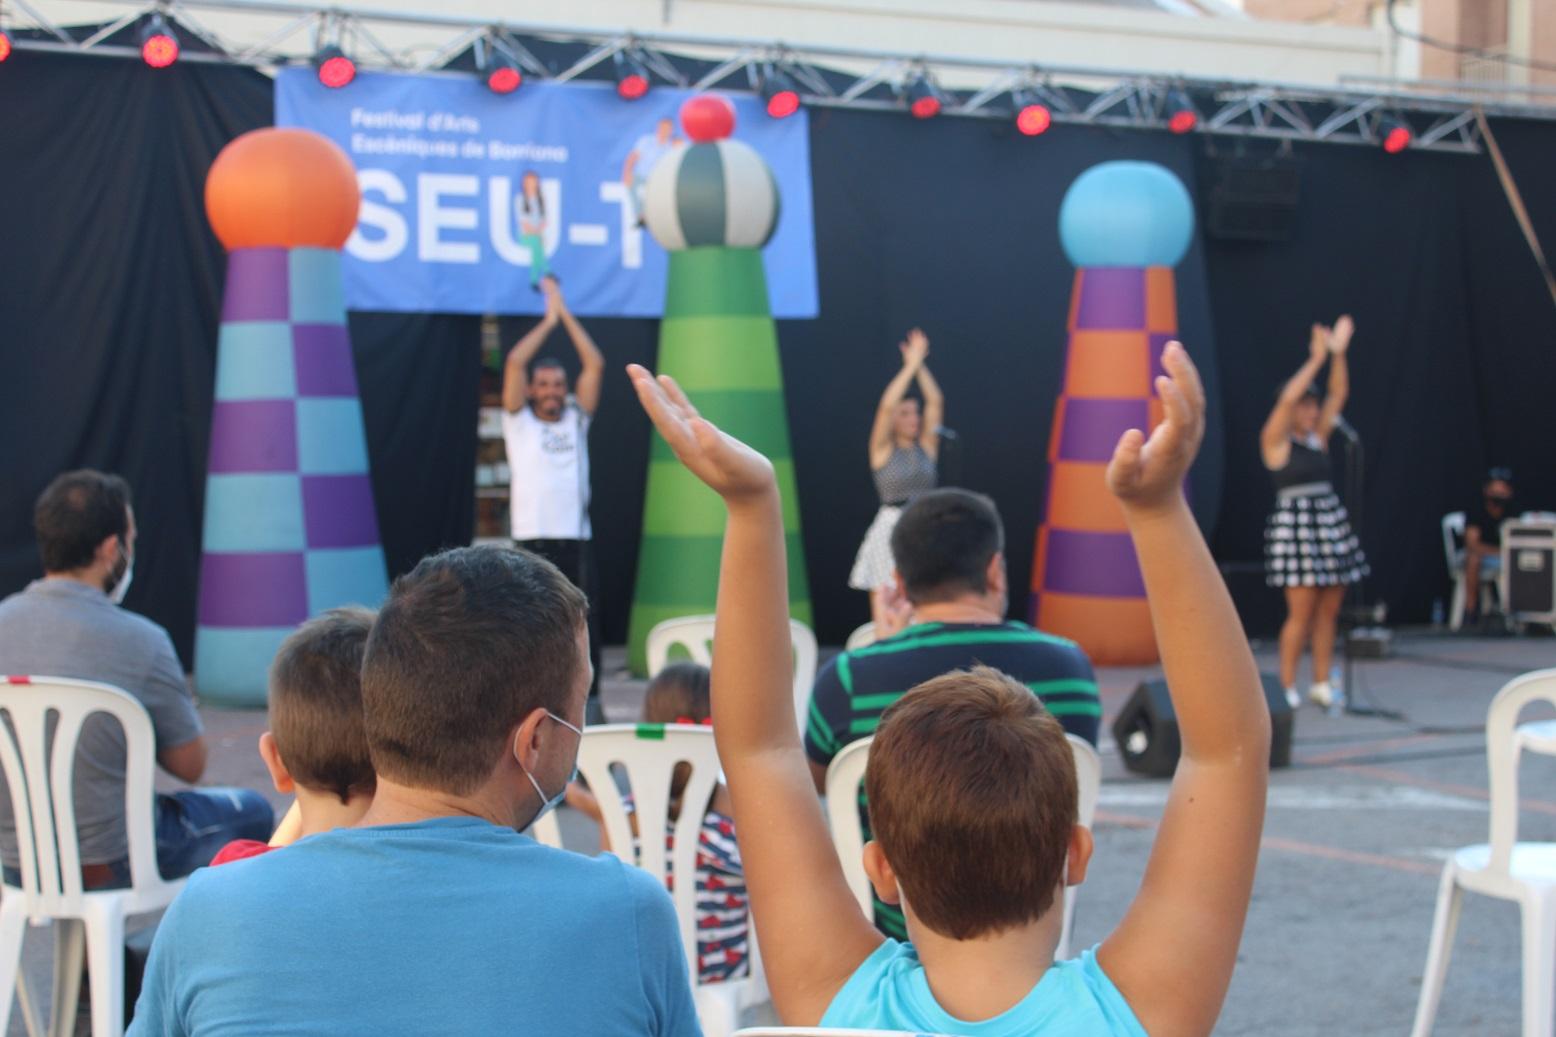 El festival de artes escénicas 'Seu-te' vuelve por segundo año a las calles de Borriana con espectáculos familiares